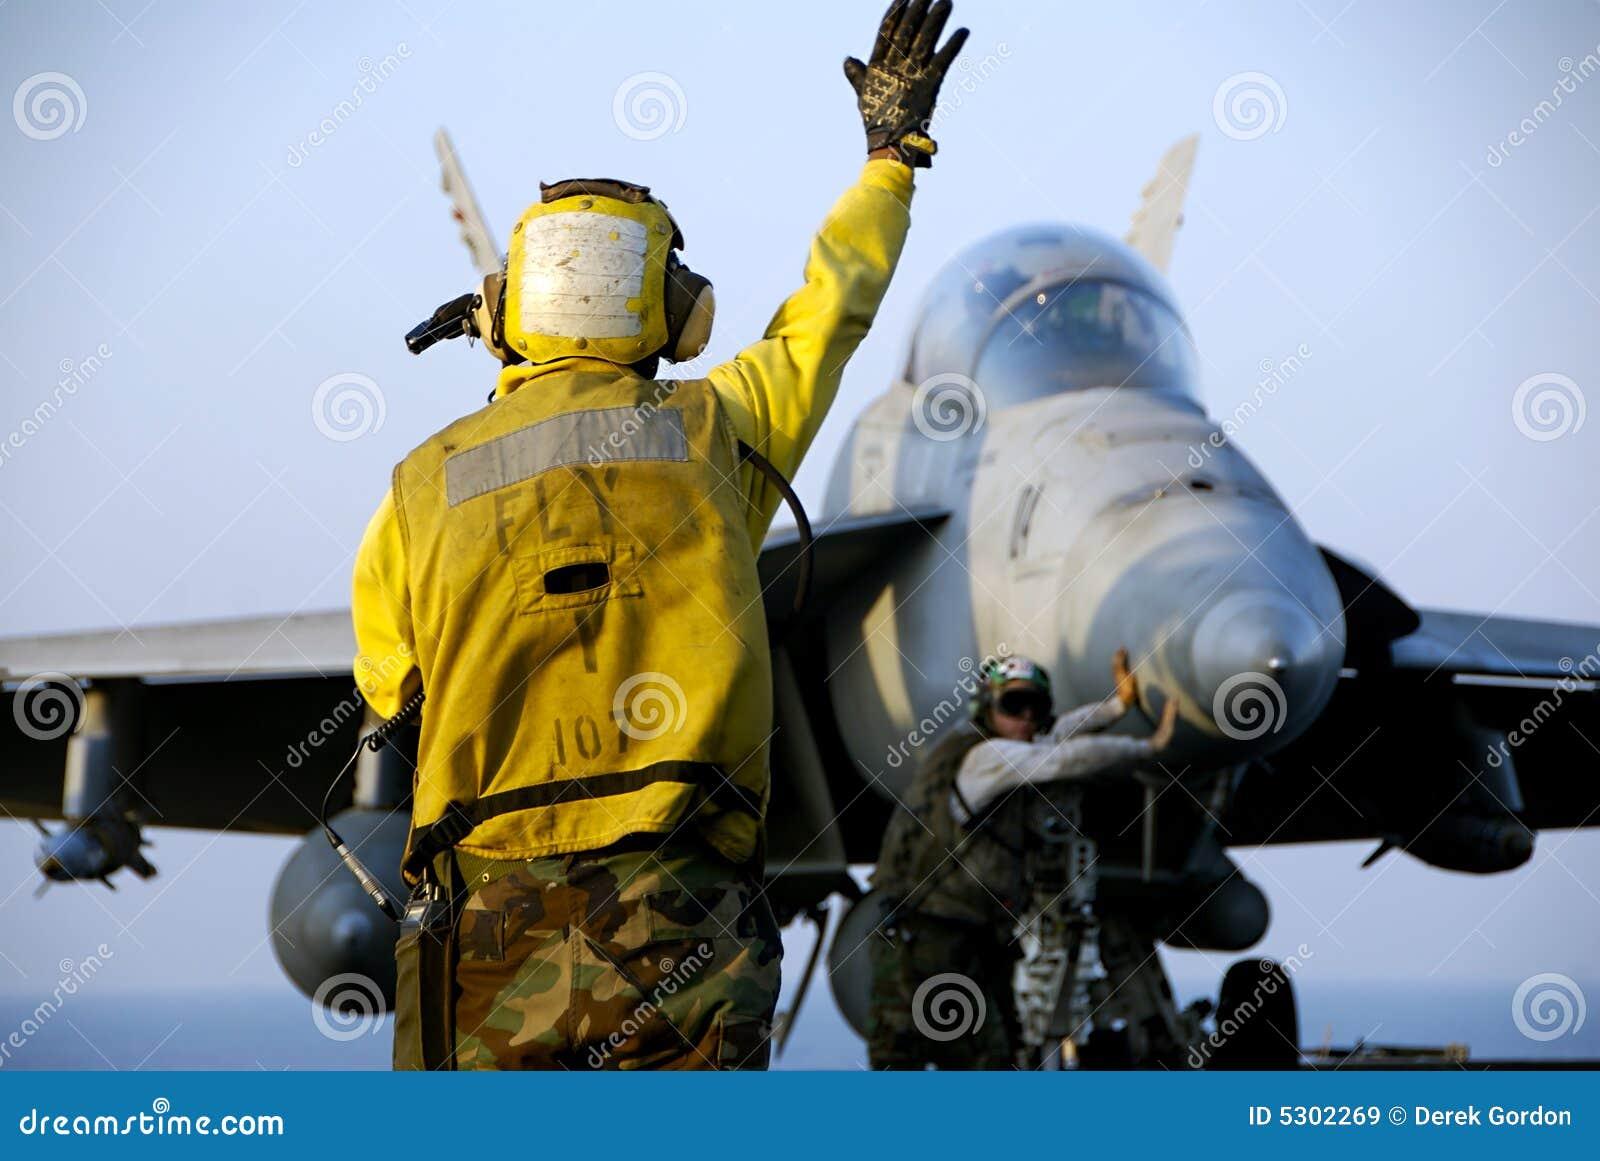 Download Calabrone F-18 e marinai immagine stock. Immagine di iraq - 5302269